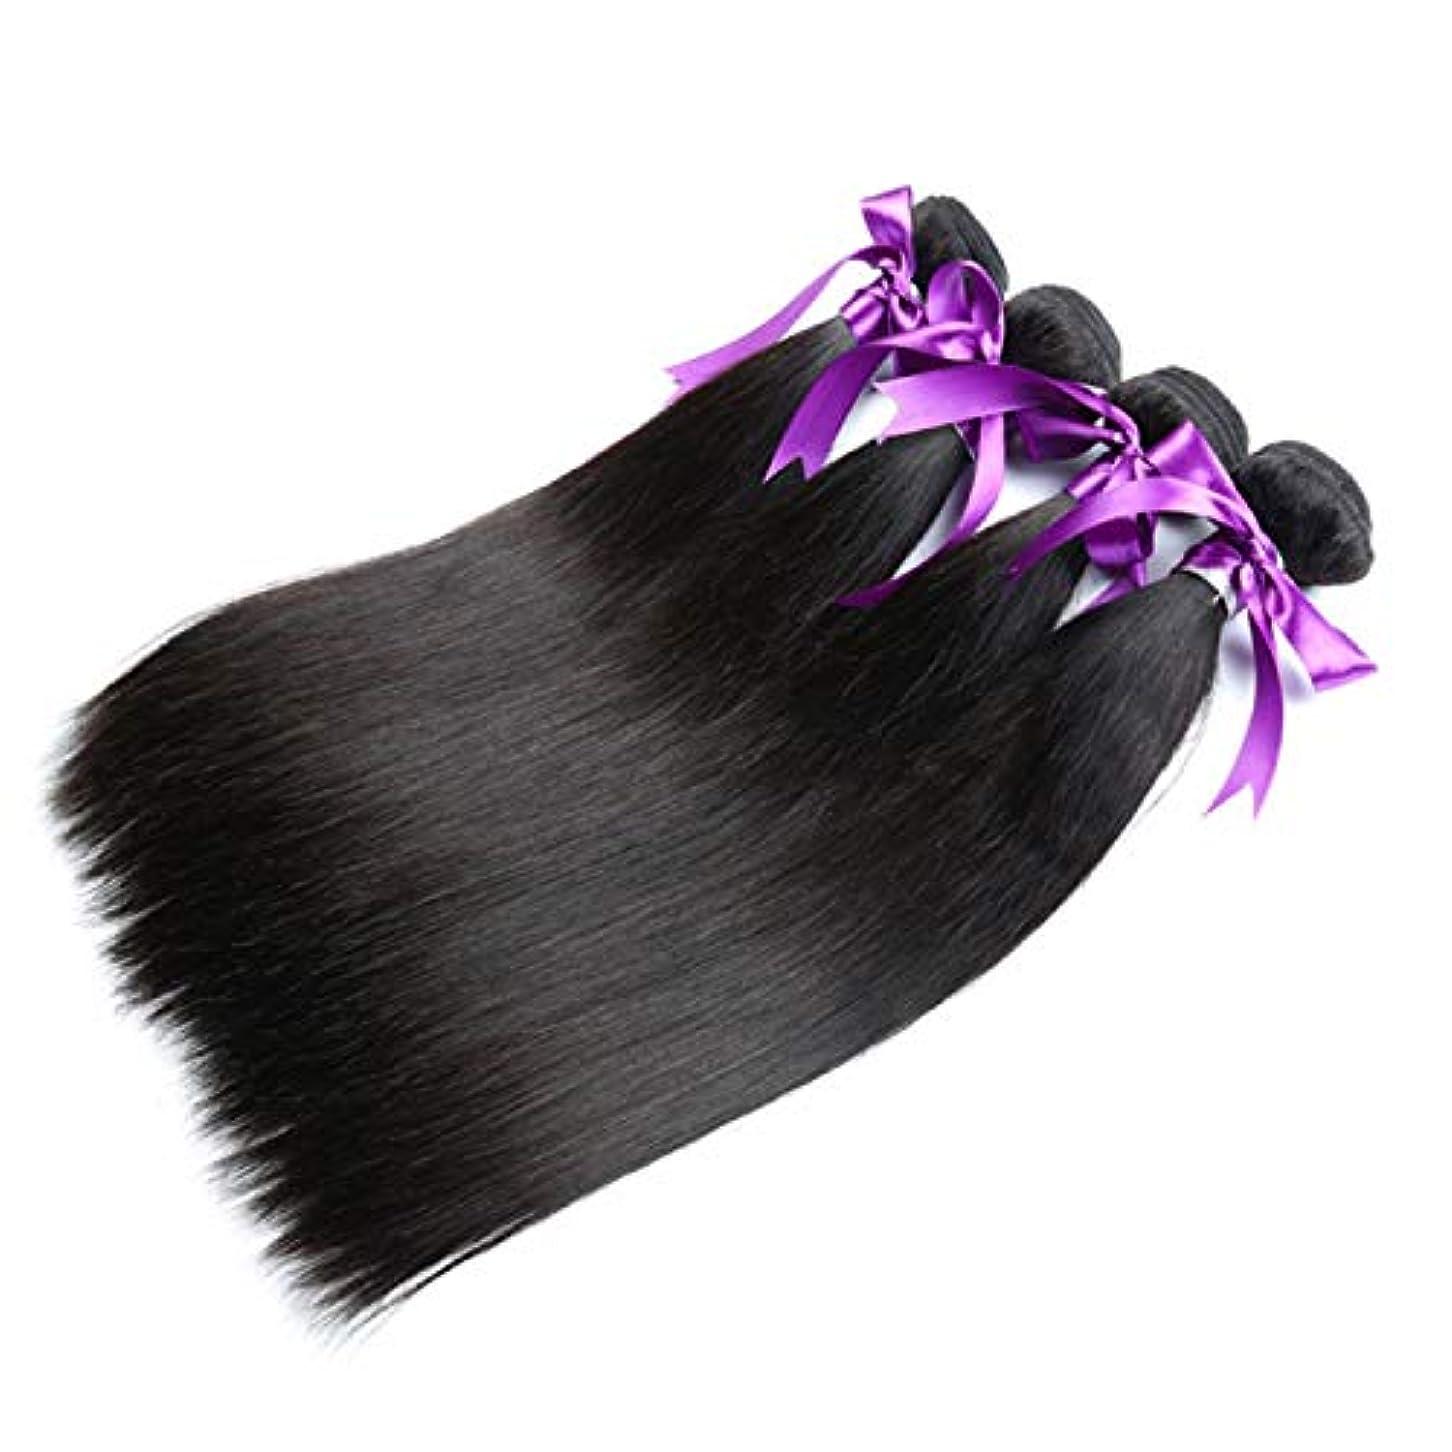 ファイアルトリム珍味ペルーのストレートヘア4本の人間の髪の毛の束非レミーの毛の延長ナチュラルブラック かつら (Length : 16 16 16 16)